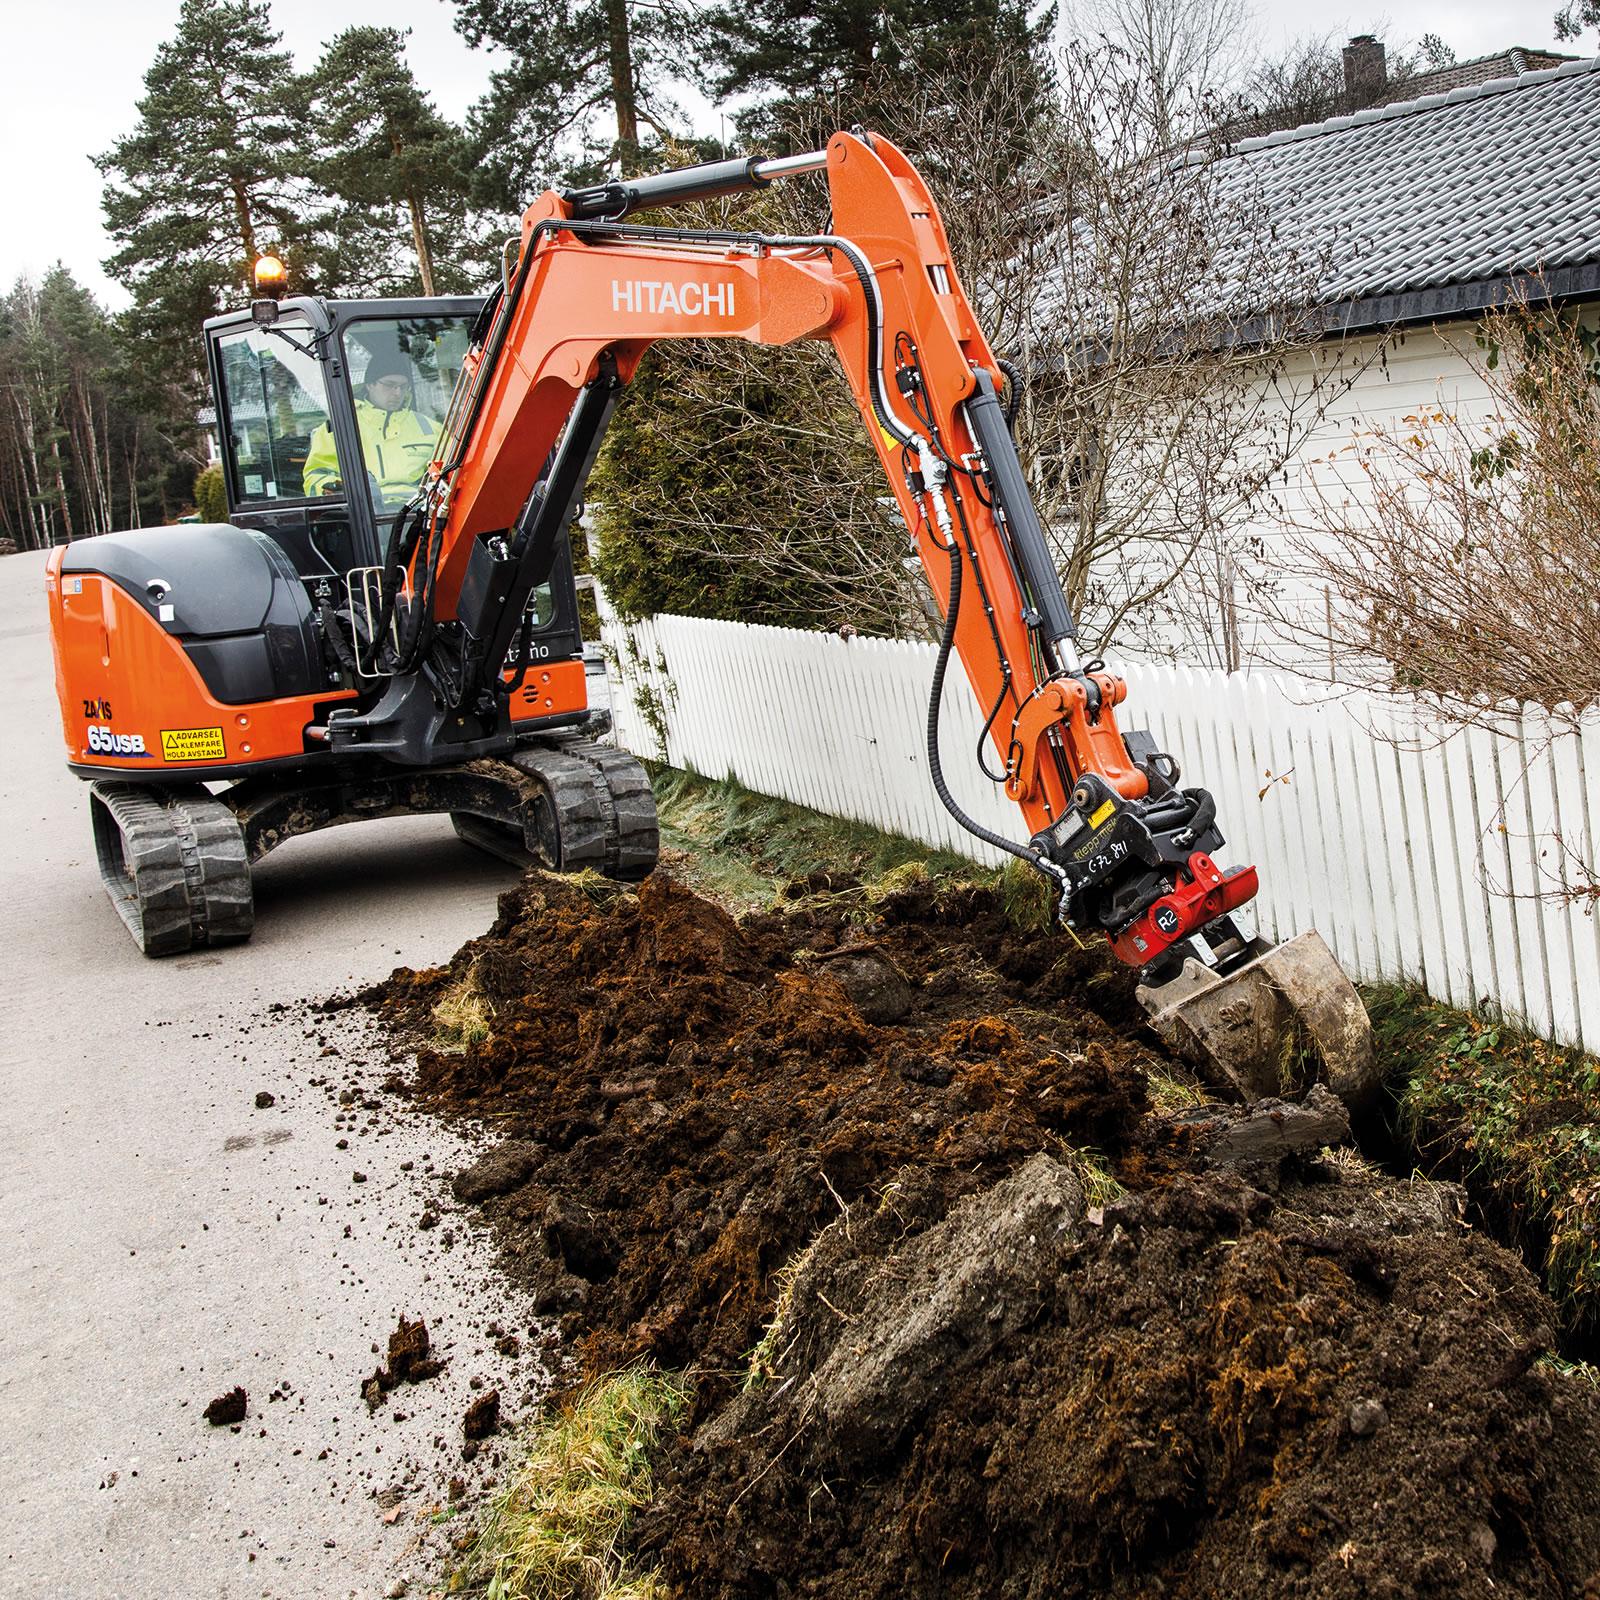 Hitachi ZX65USB-6 excavator in Norway